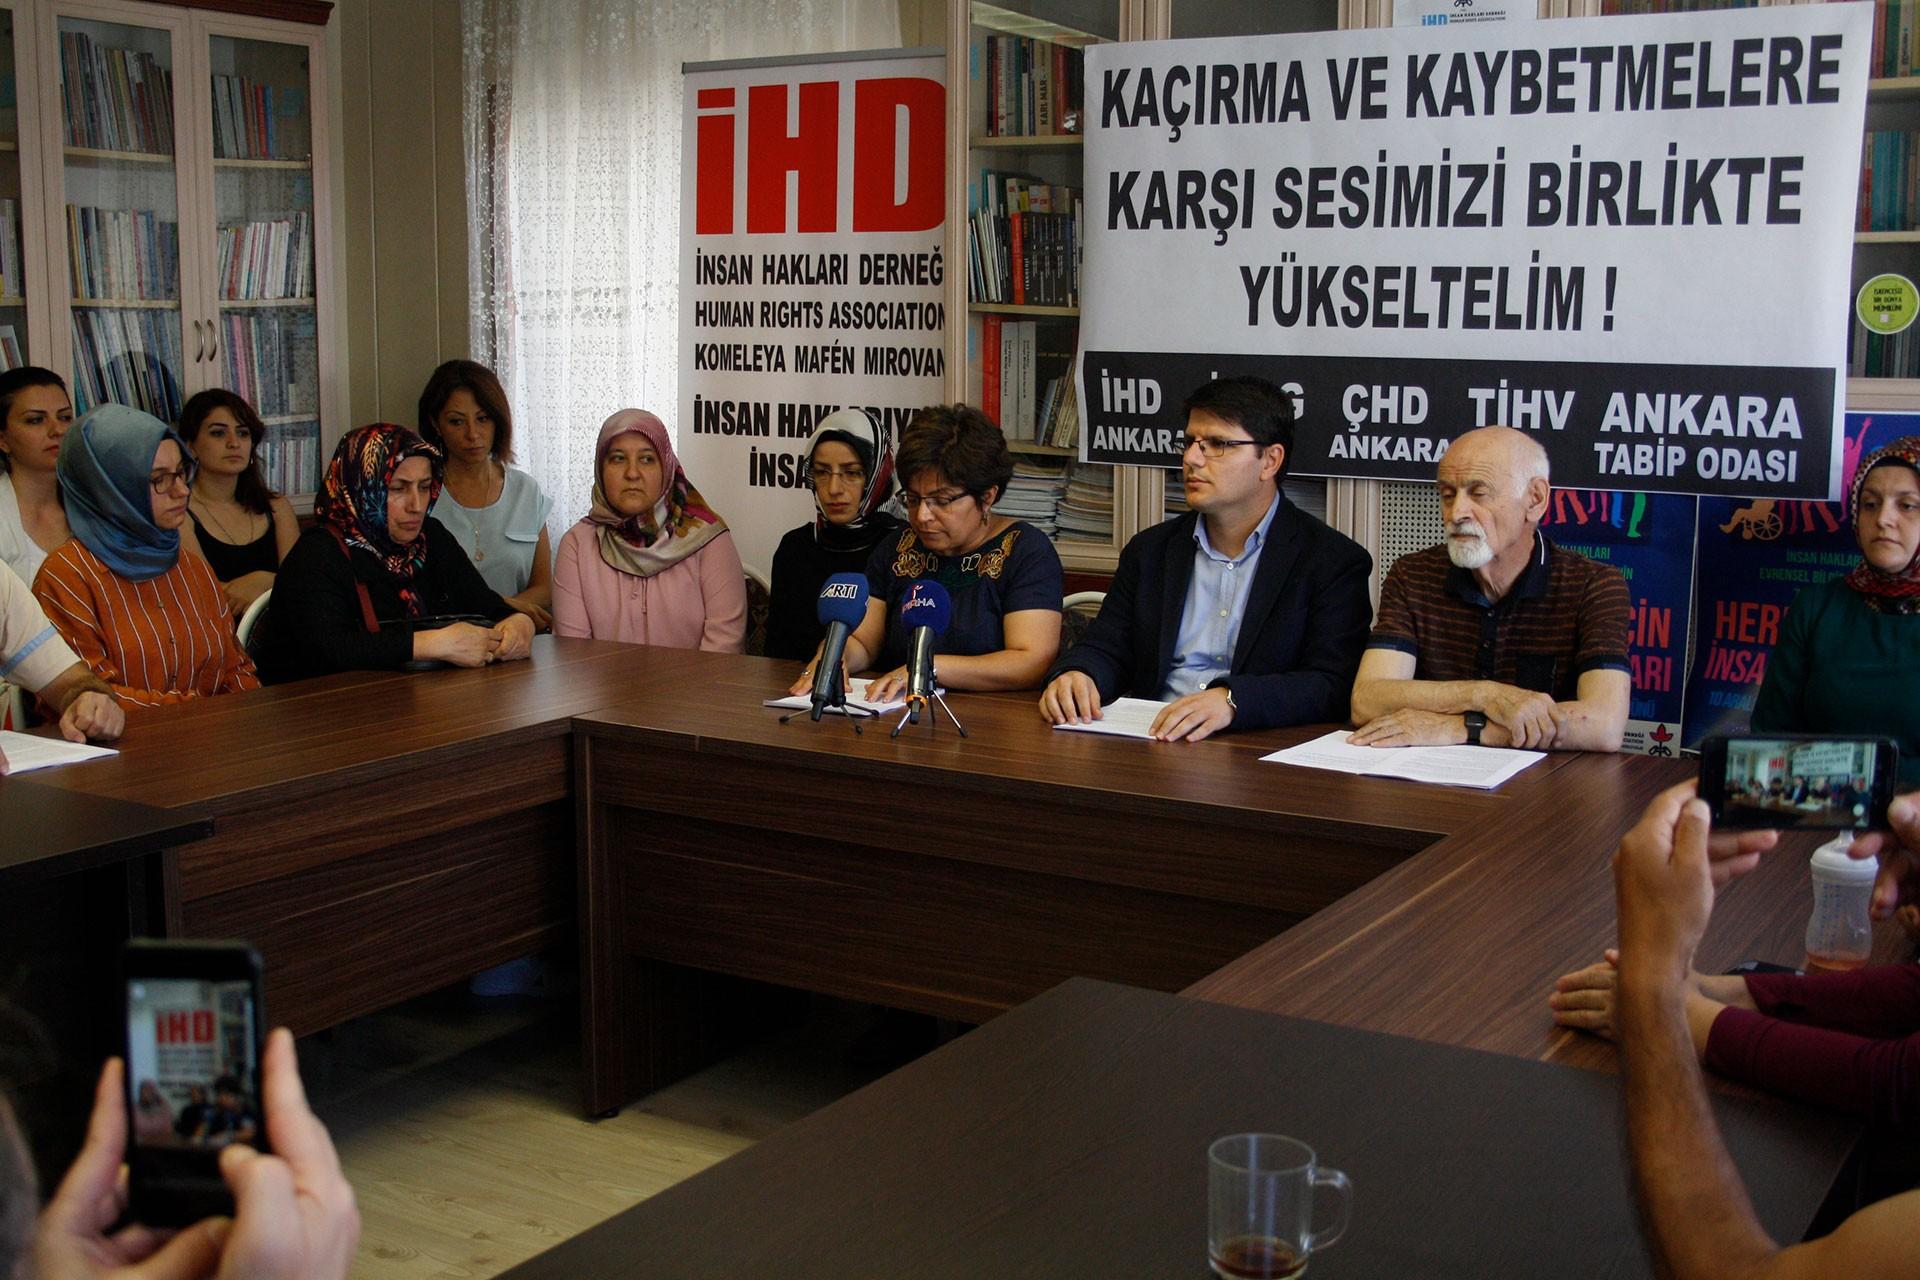 Gözaltındaki yakınlarından haber alamayan aileler yetkililerden yanıt bekliyor